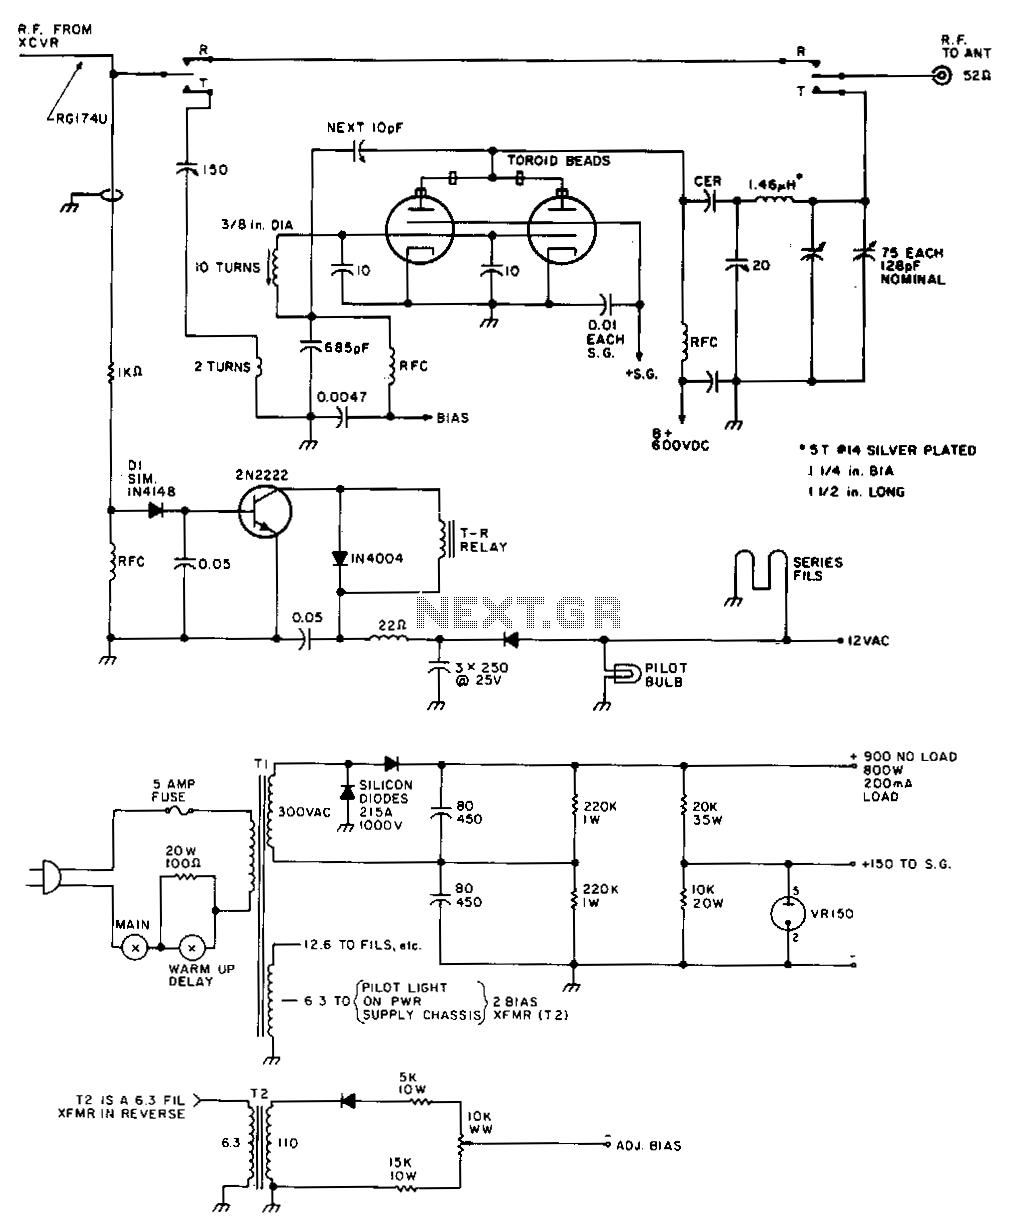 29Mhz-amplifier - schematic